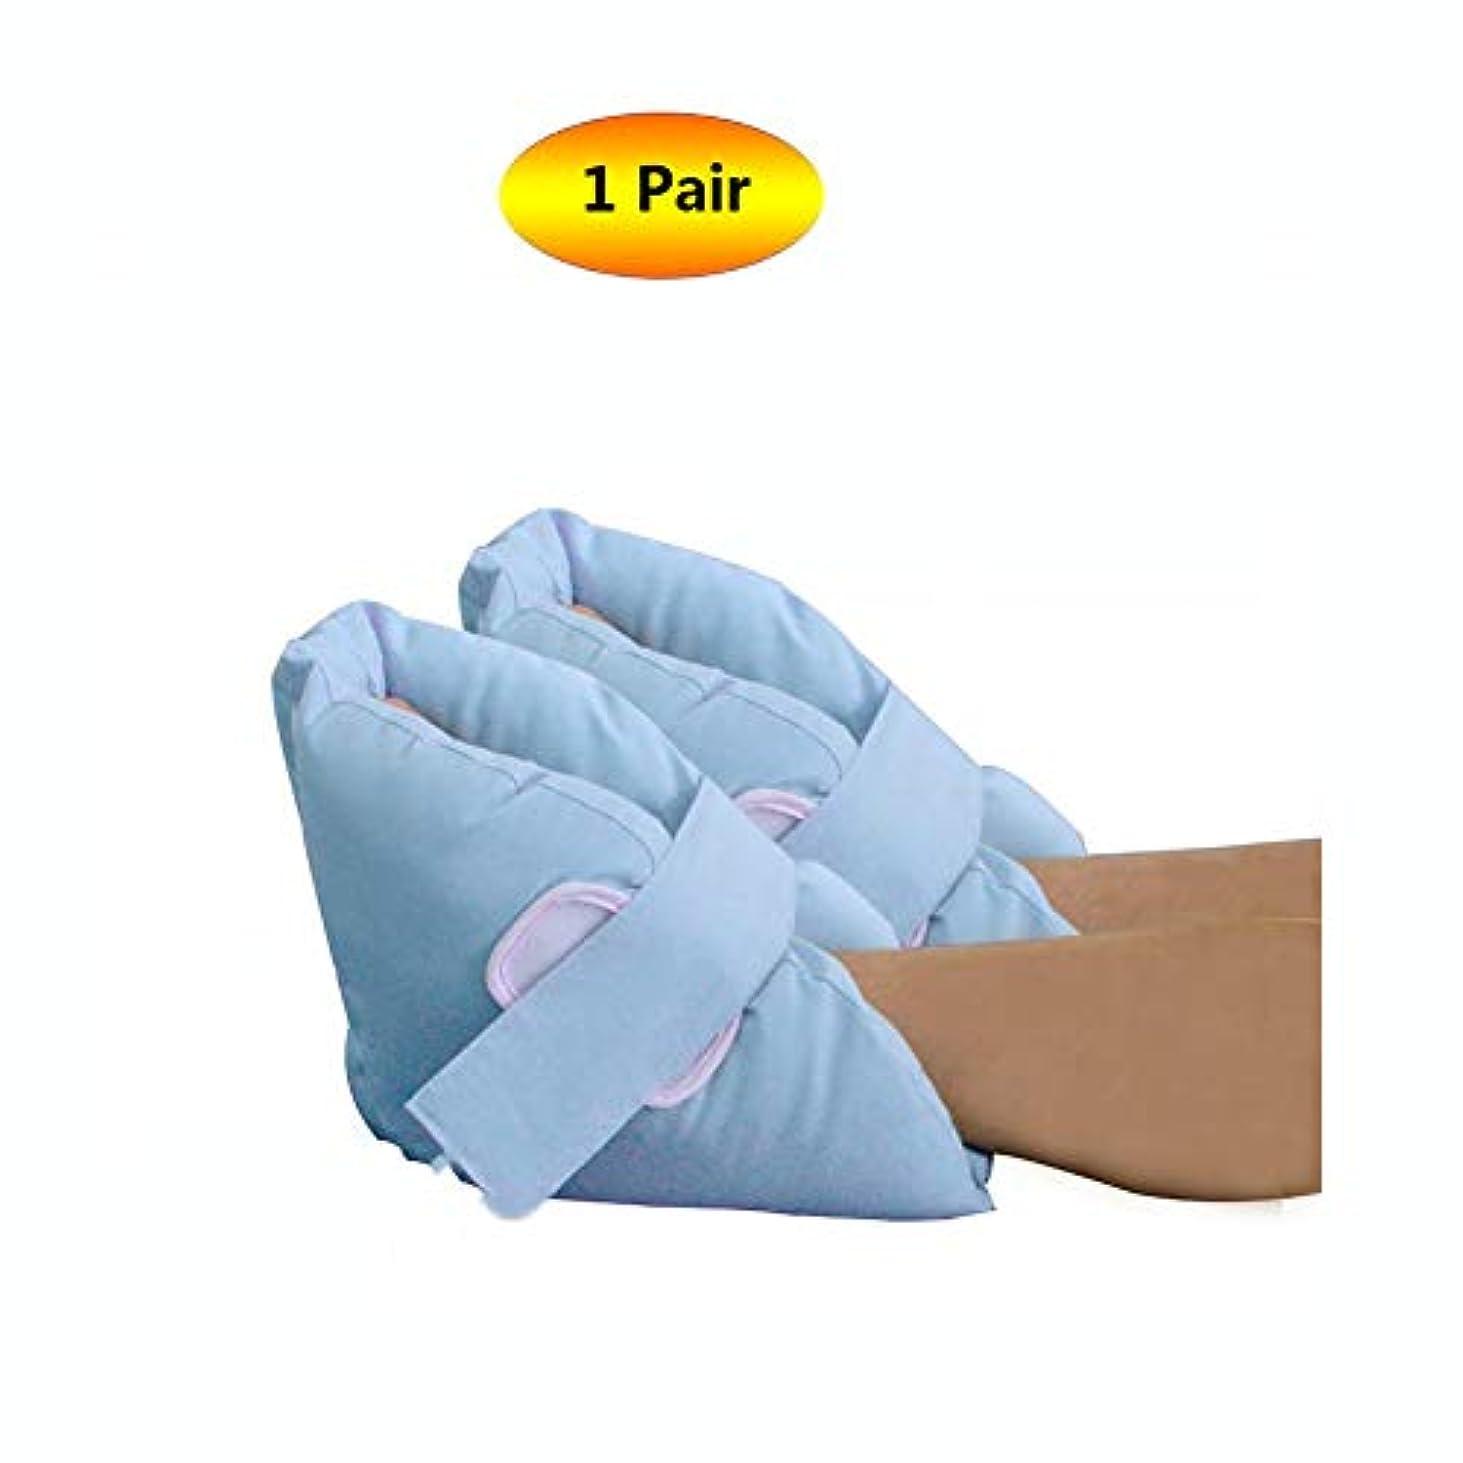 不適切な効果的怪物ヒールプロテクター枕ソフト慰め、ヒールフロートヒールプロテクター、高齢者の足補正カバー - ブルー